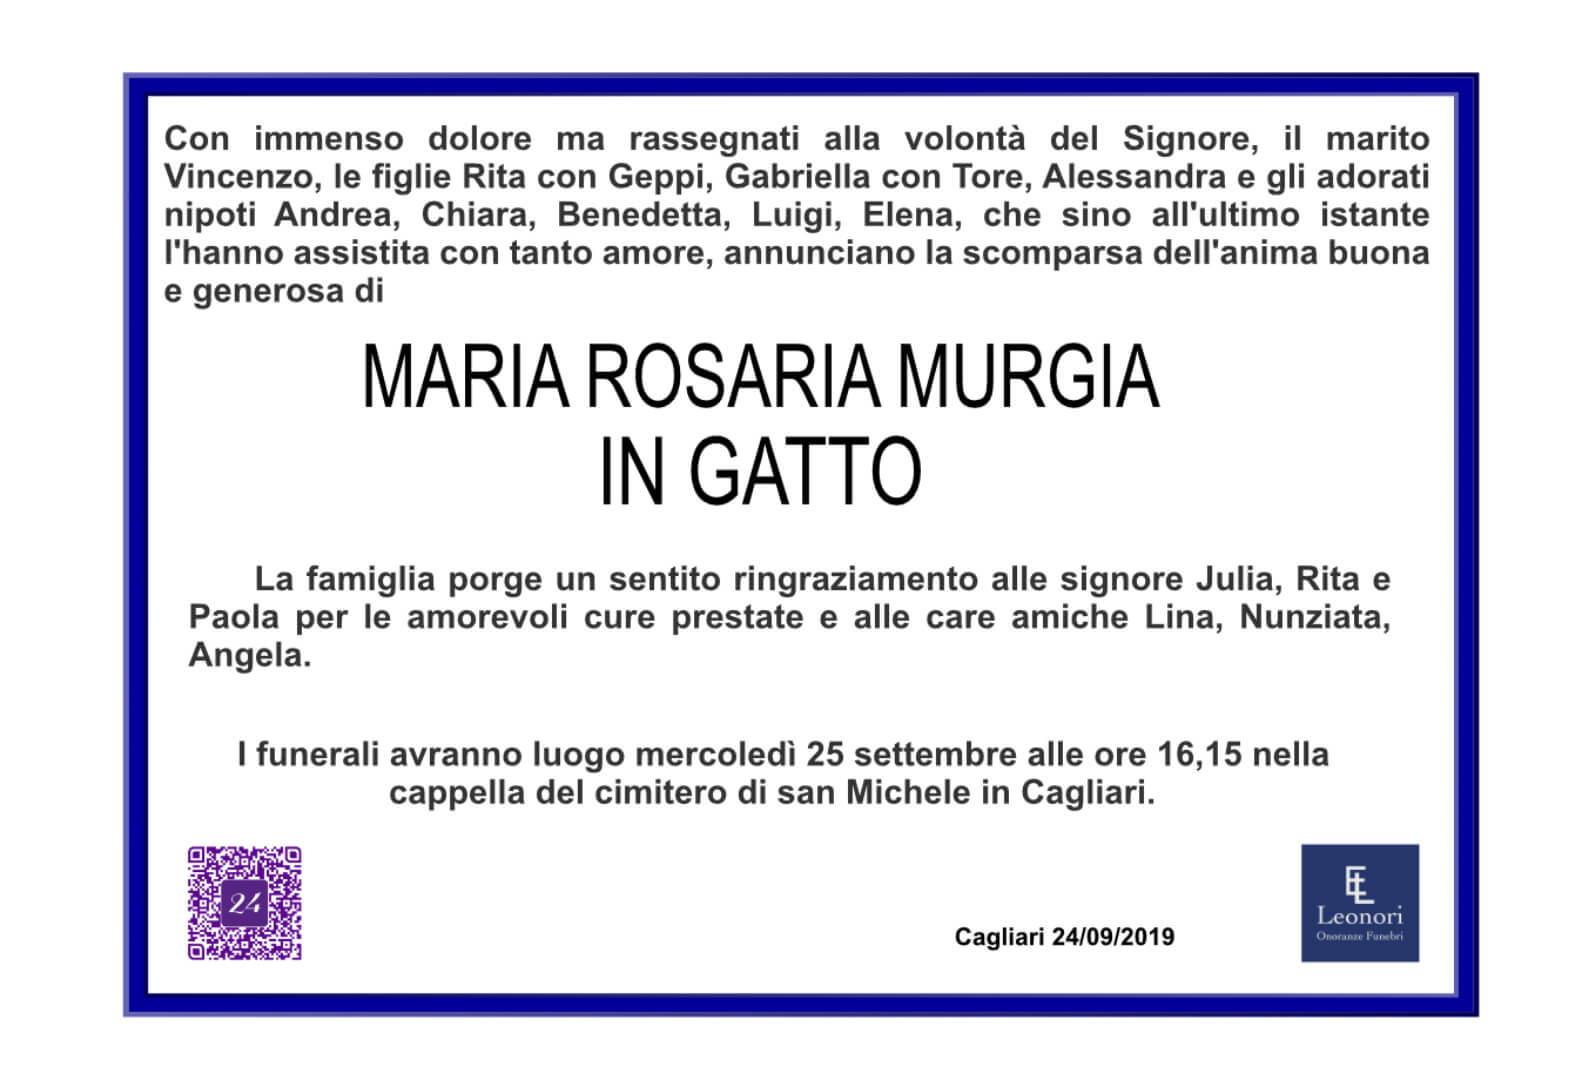 Maria Rosa Murgia